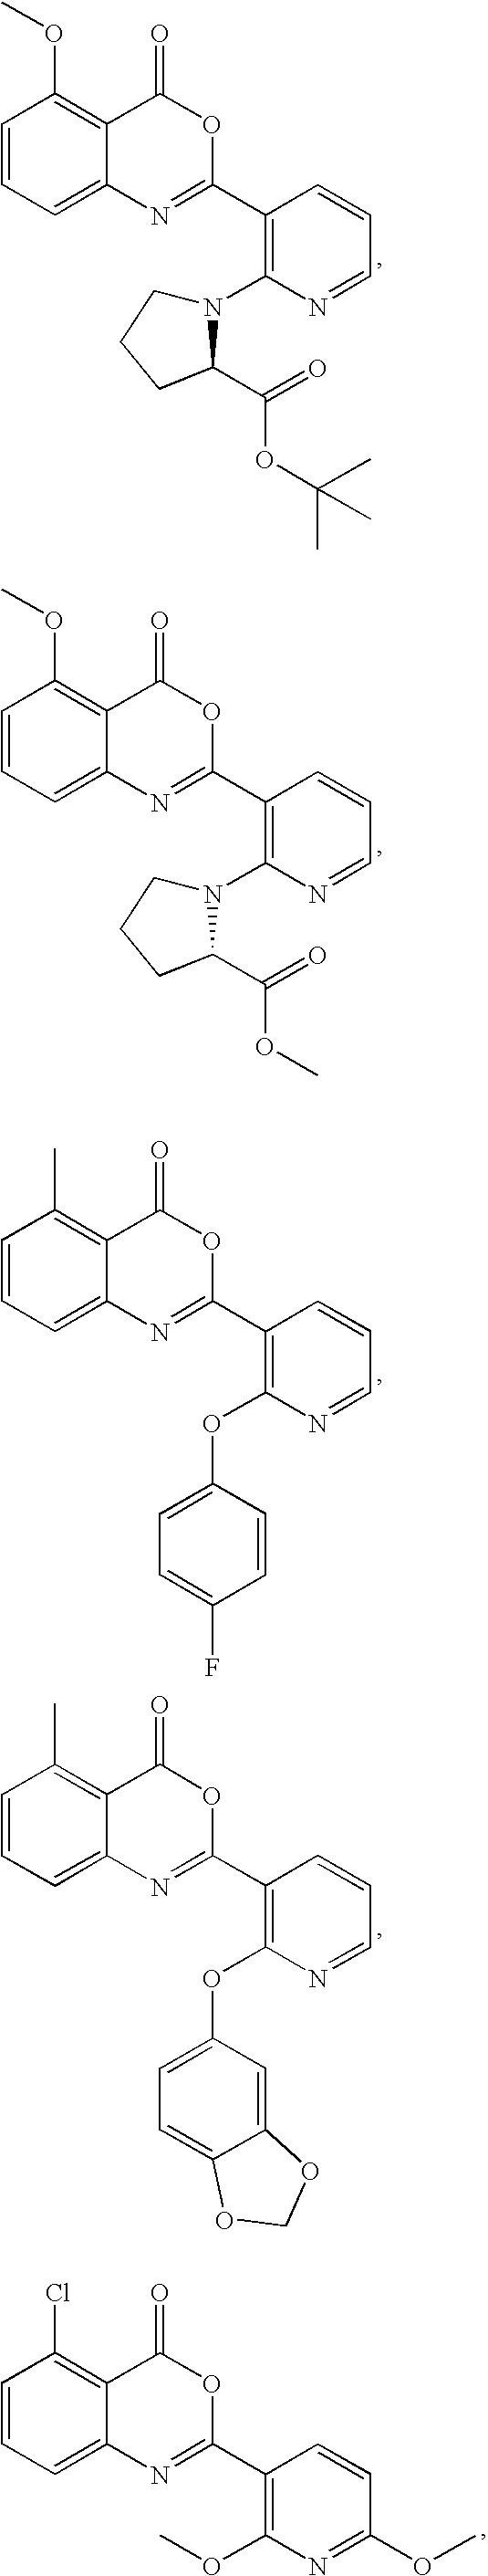 Figure US20080161290A1-20080703-C00381